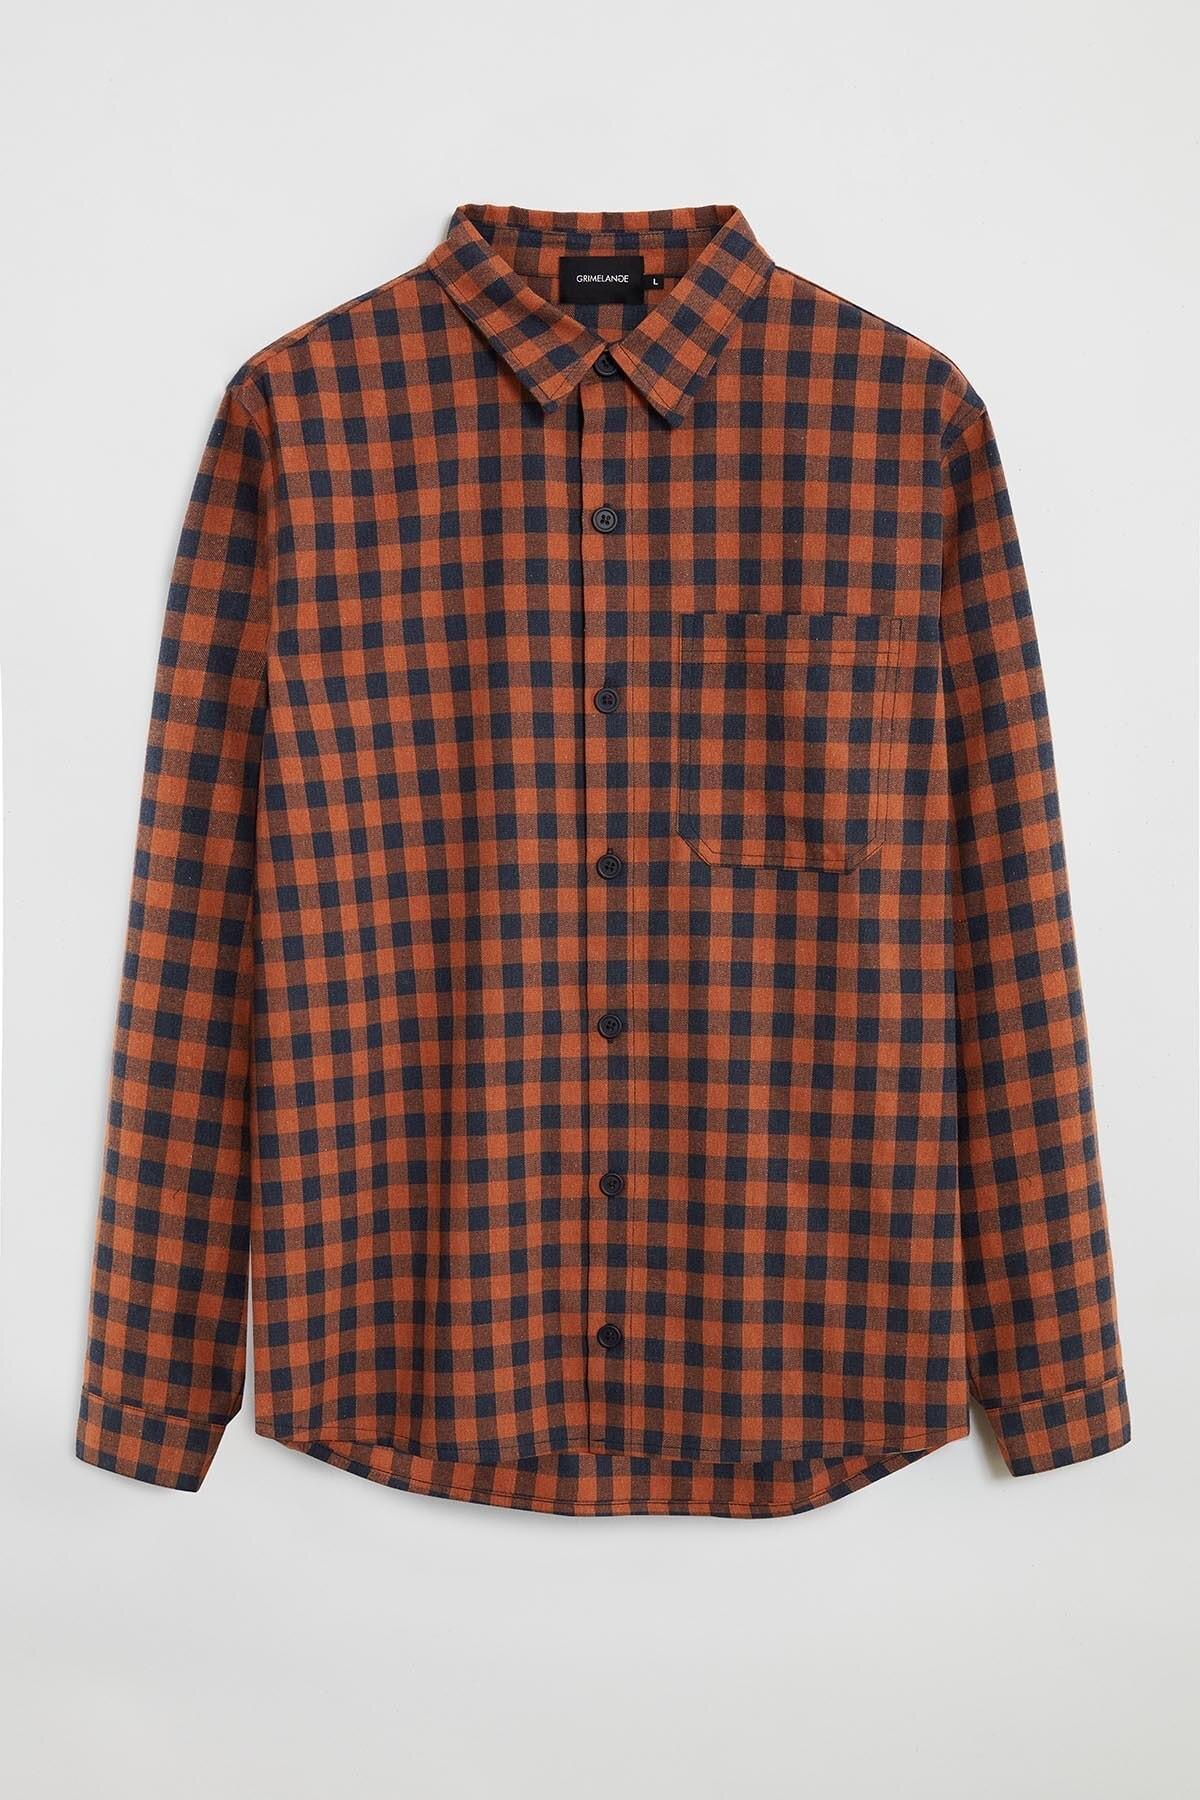 GRIMELANGE BRETT Erkek Turuncu Kareli Regular Gömlek 0